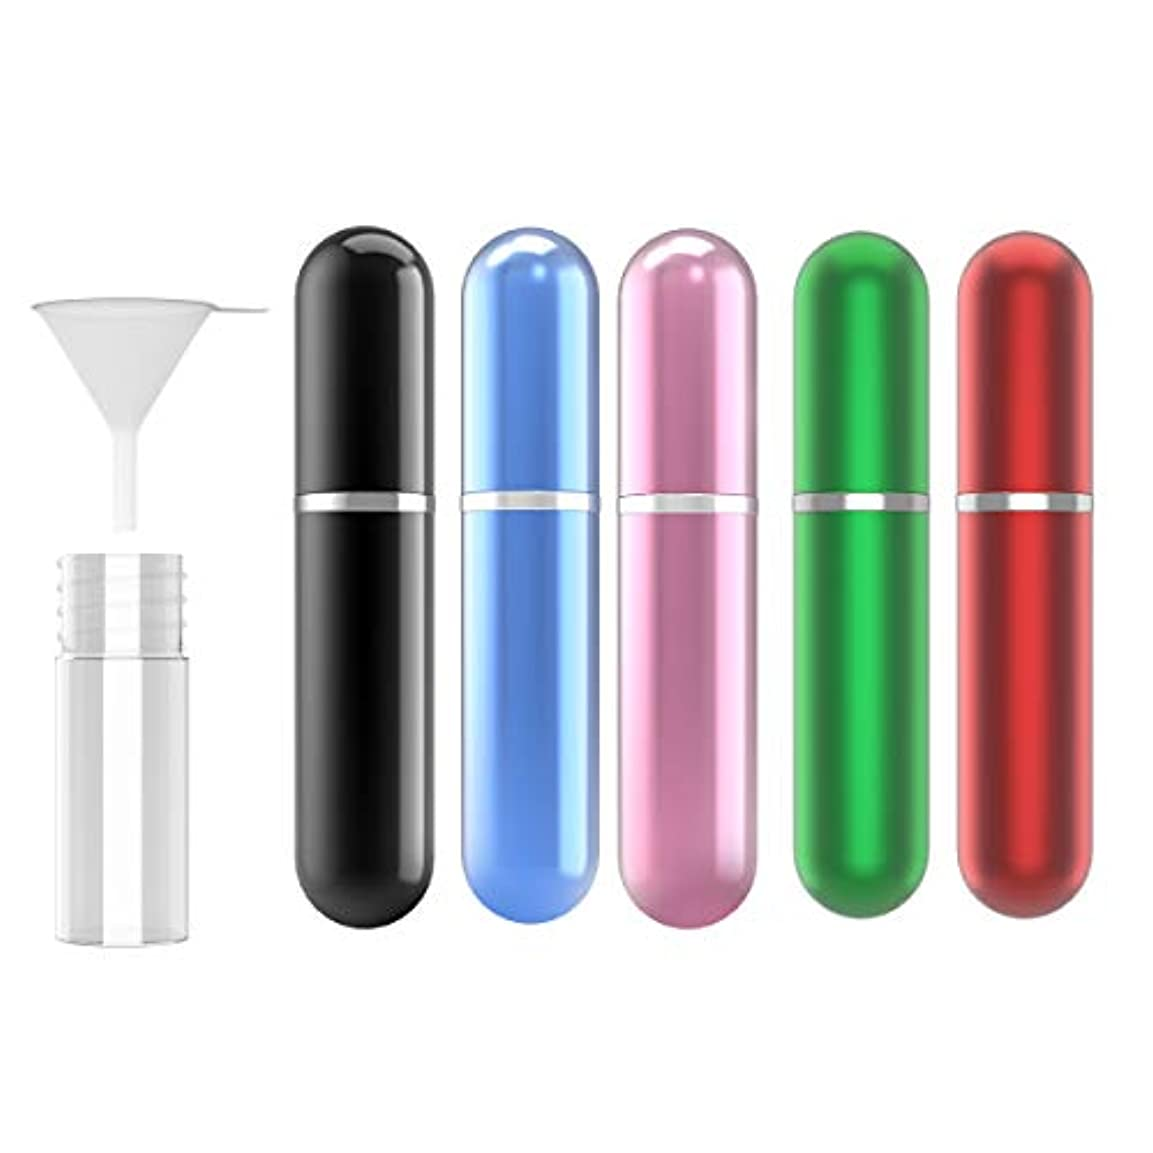 家主ボンド降ろす香水アトマイザ- 5ml 5色セット 香水ボトル ポータブル プッシュ式 クイック 香水噴霧器 携帯用 詰め替え容器 香水用 香水小分け 漏斗付き 香水 スプレーボトル